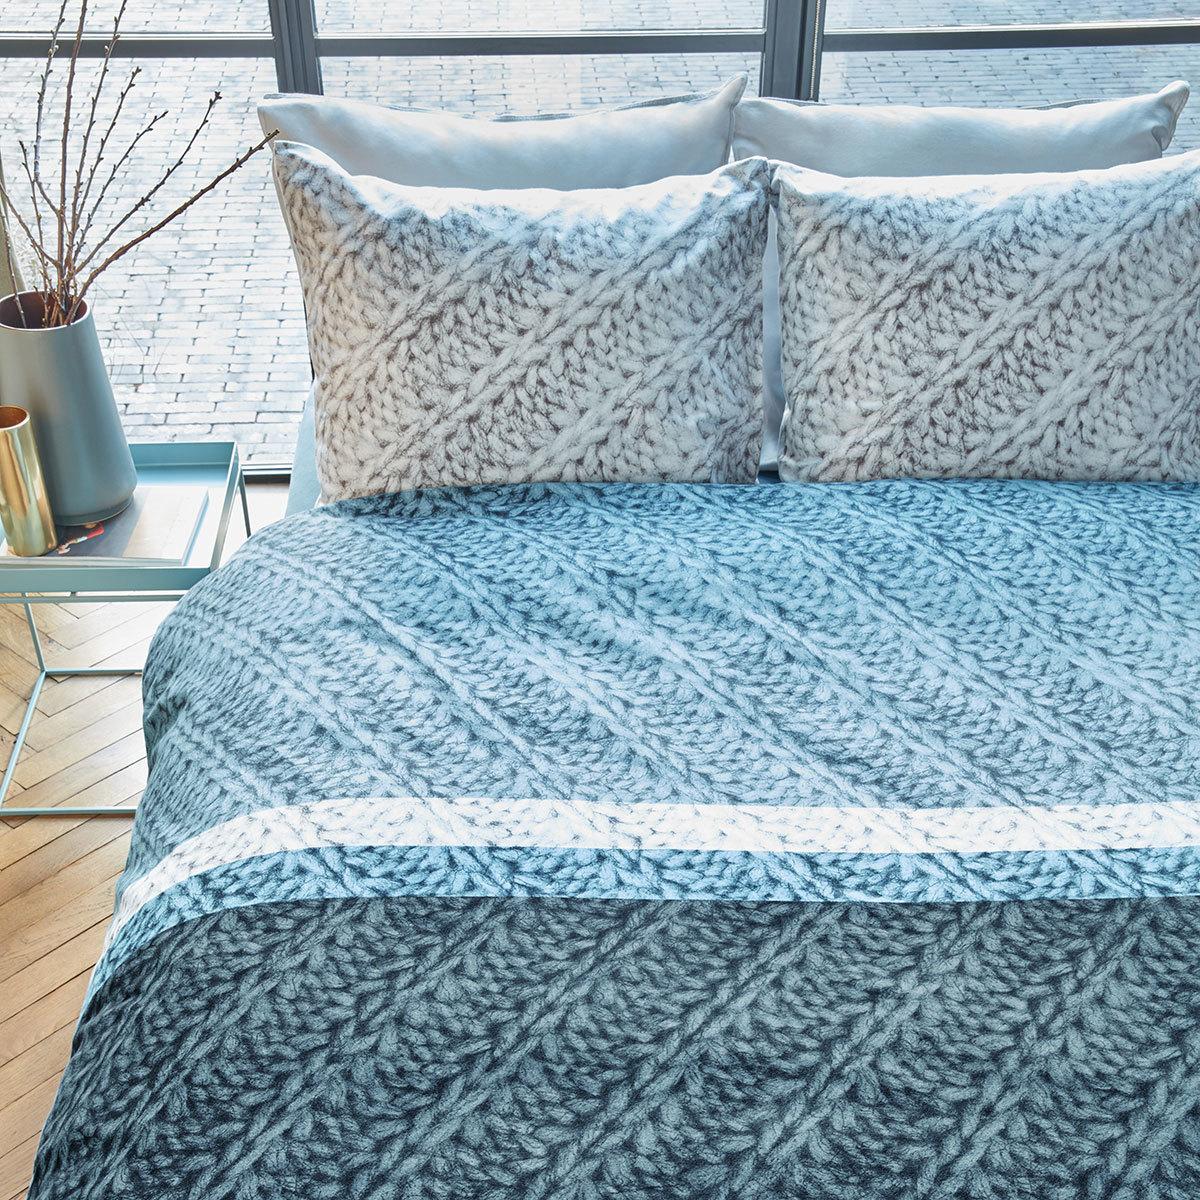 Beddinghouse Flanell Bettwäsche Merino Blue Günstig Online Kaufen